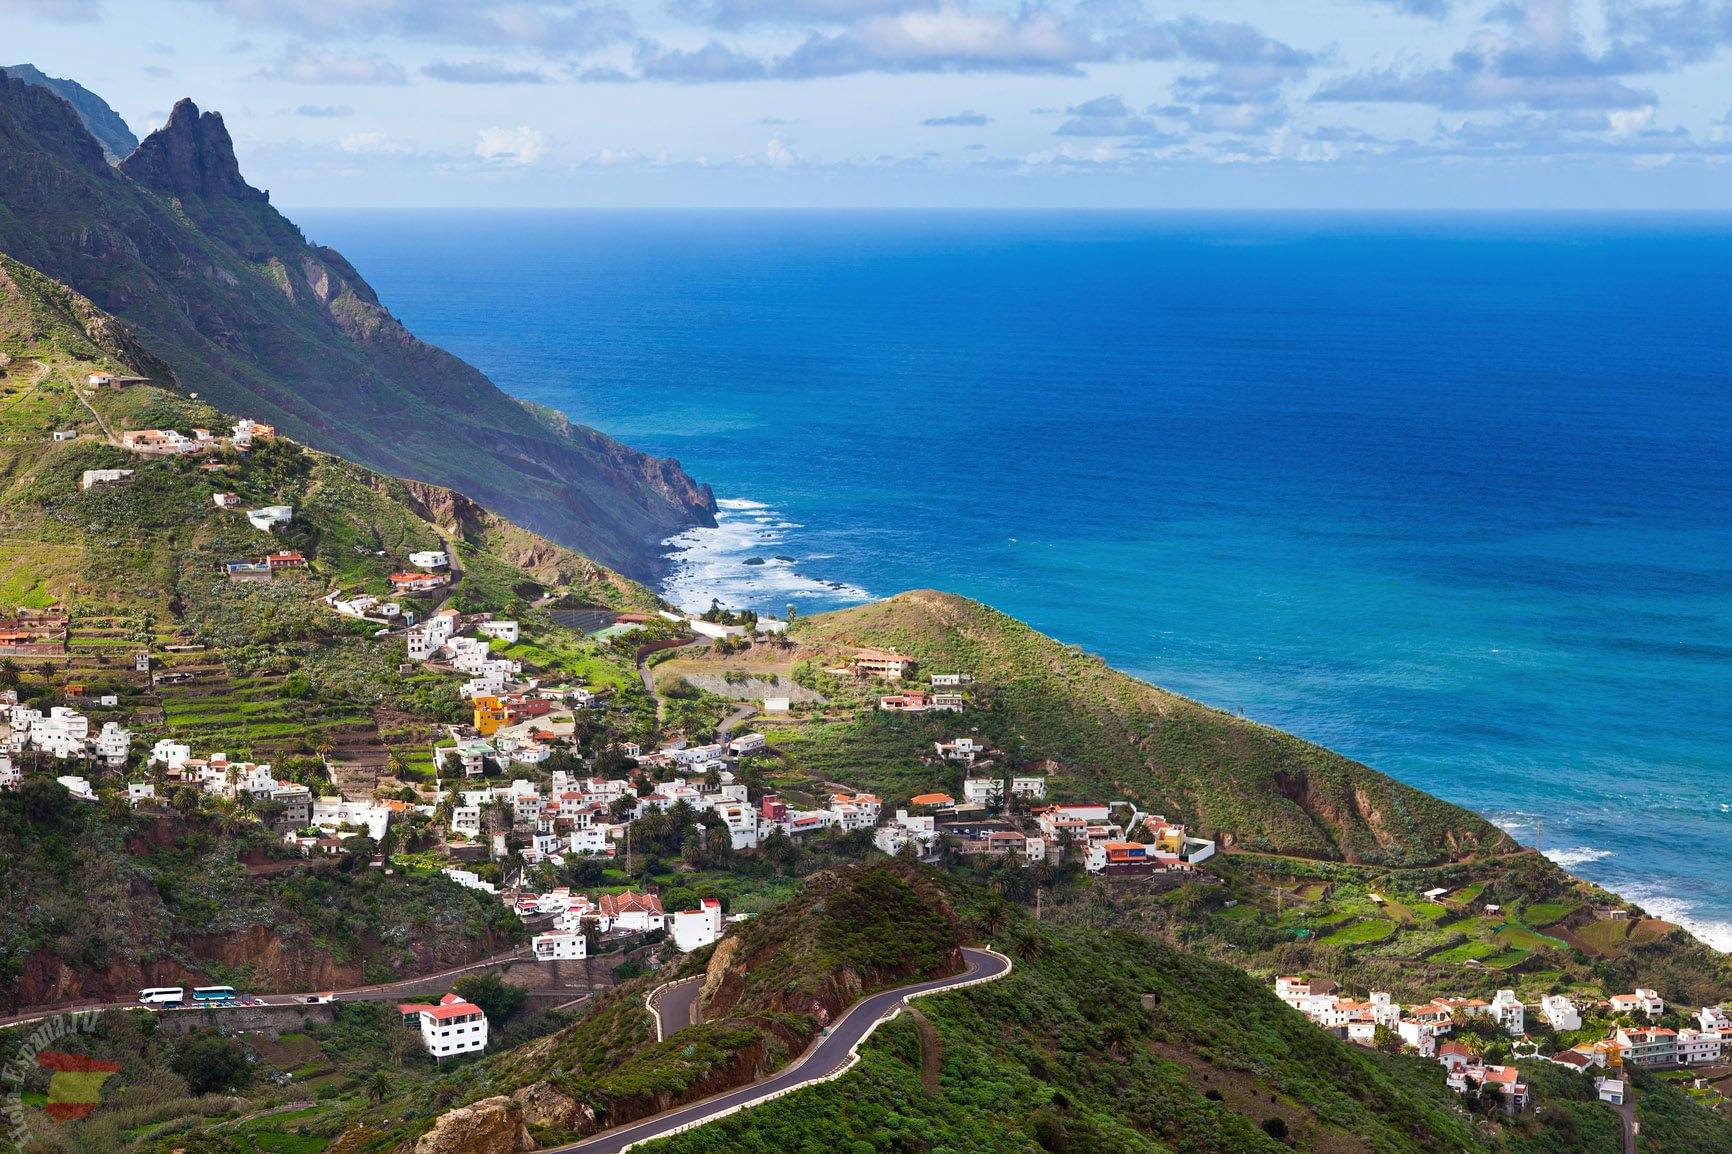 Красивый пейзаж Тенерифе